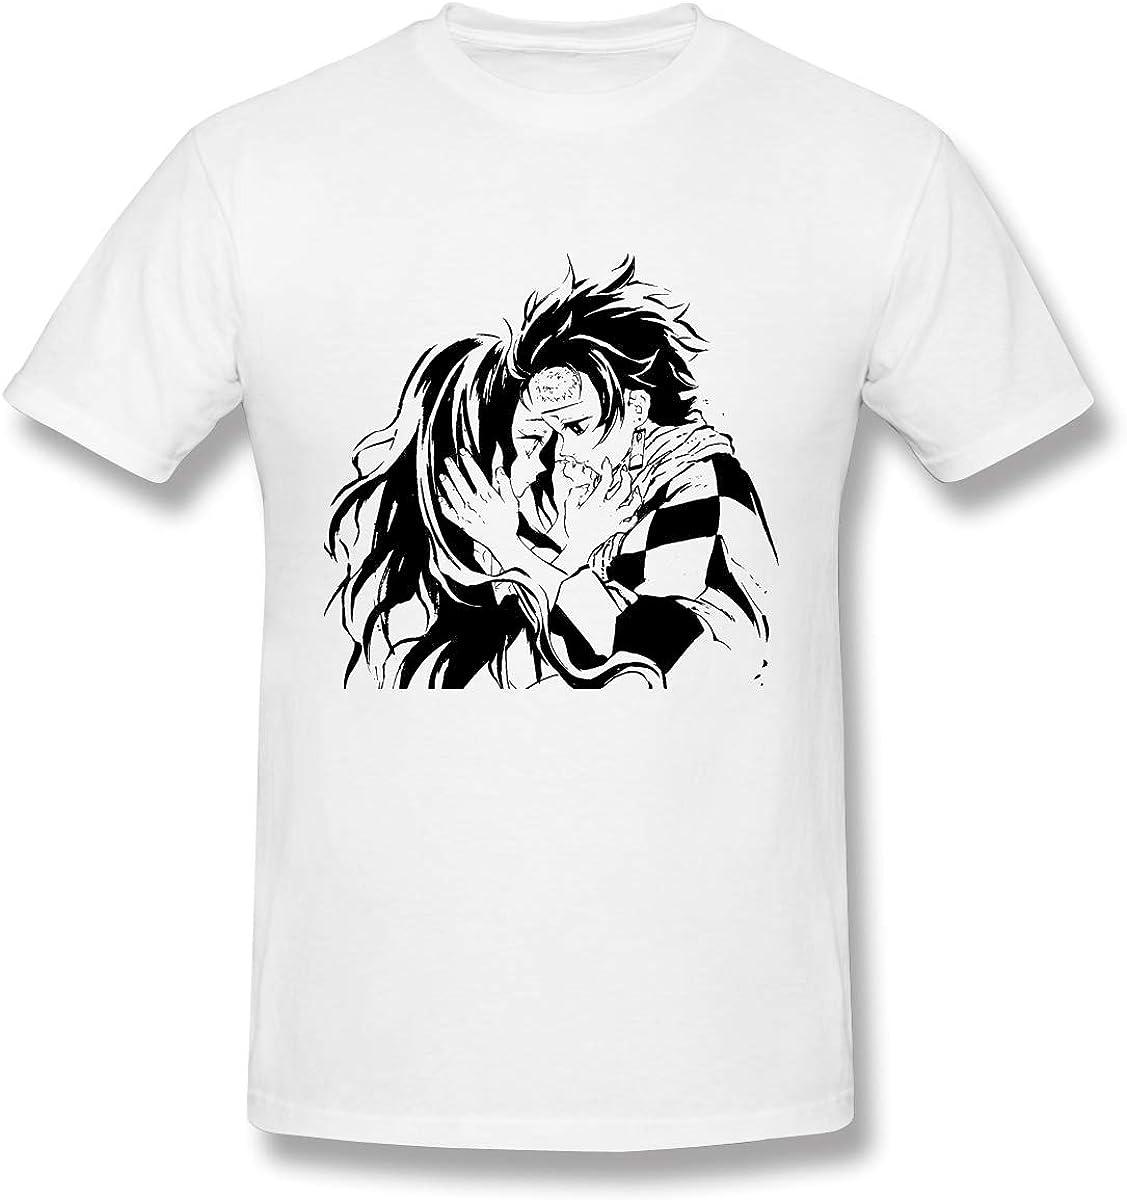 鬼滅の刃 きめつのやいば メンズ Tシャツ ティーシャツ 半袖 アパレル 服 サイズ豊富